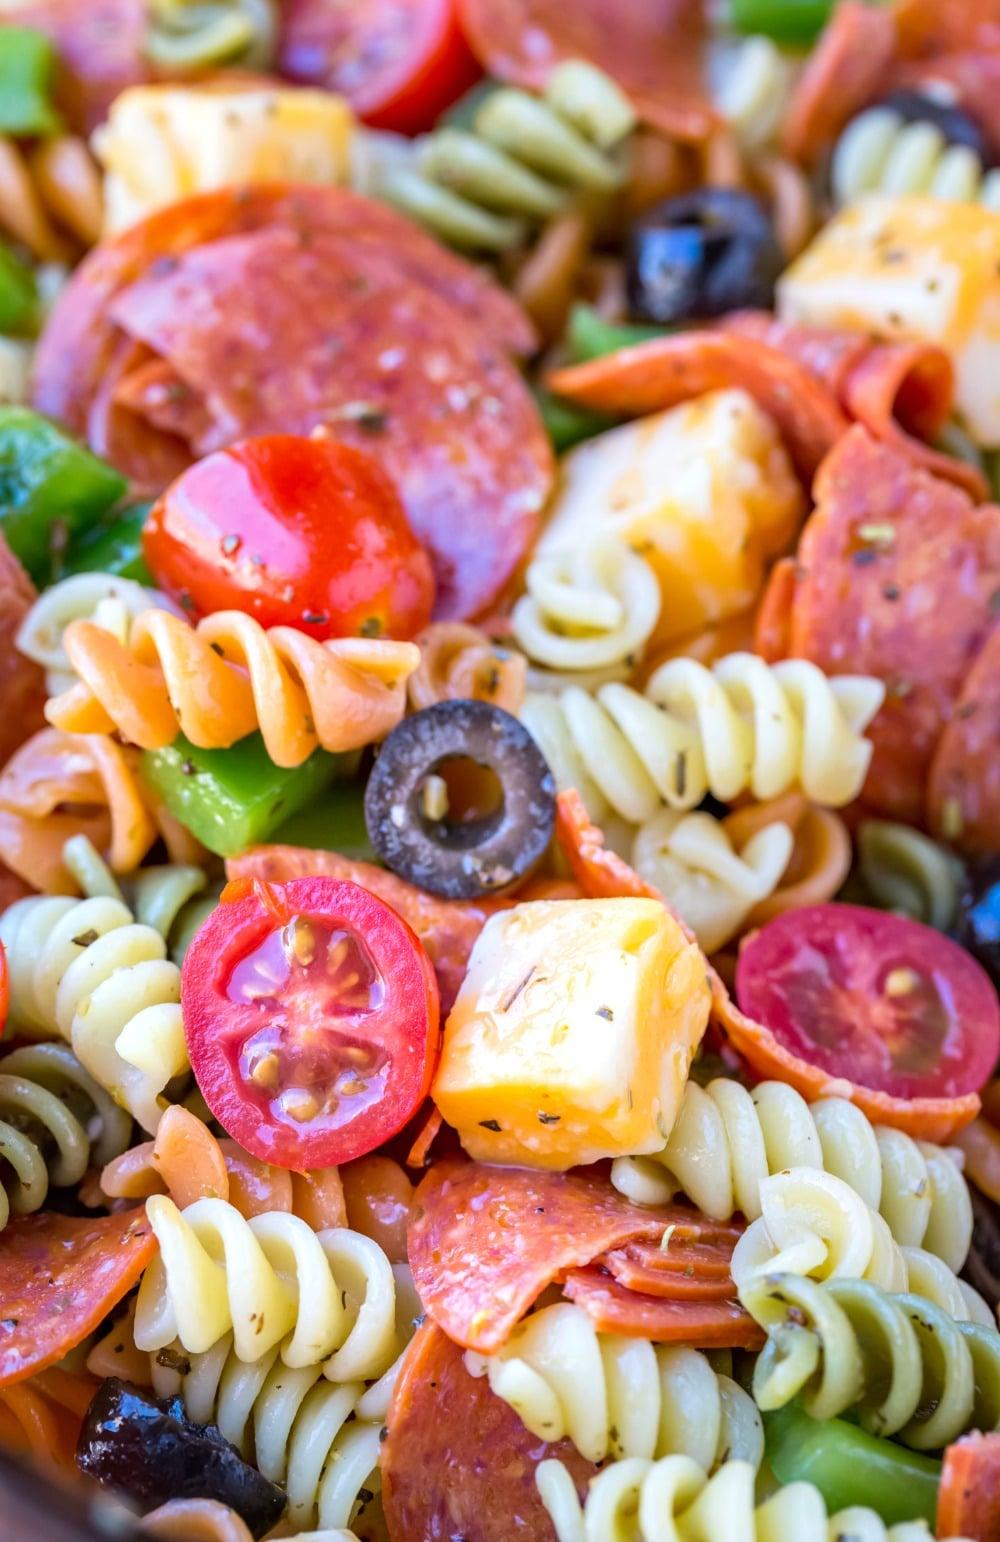 Easy Pasta Salad Recipe I Heart Eating